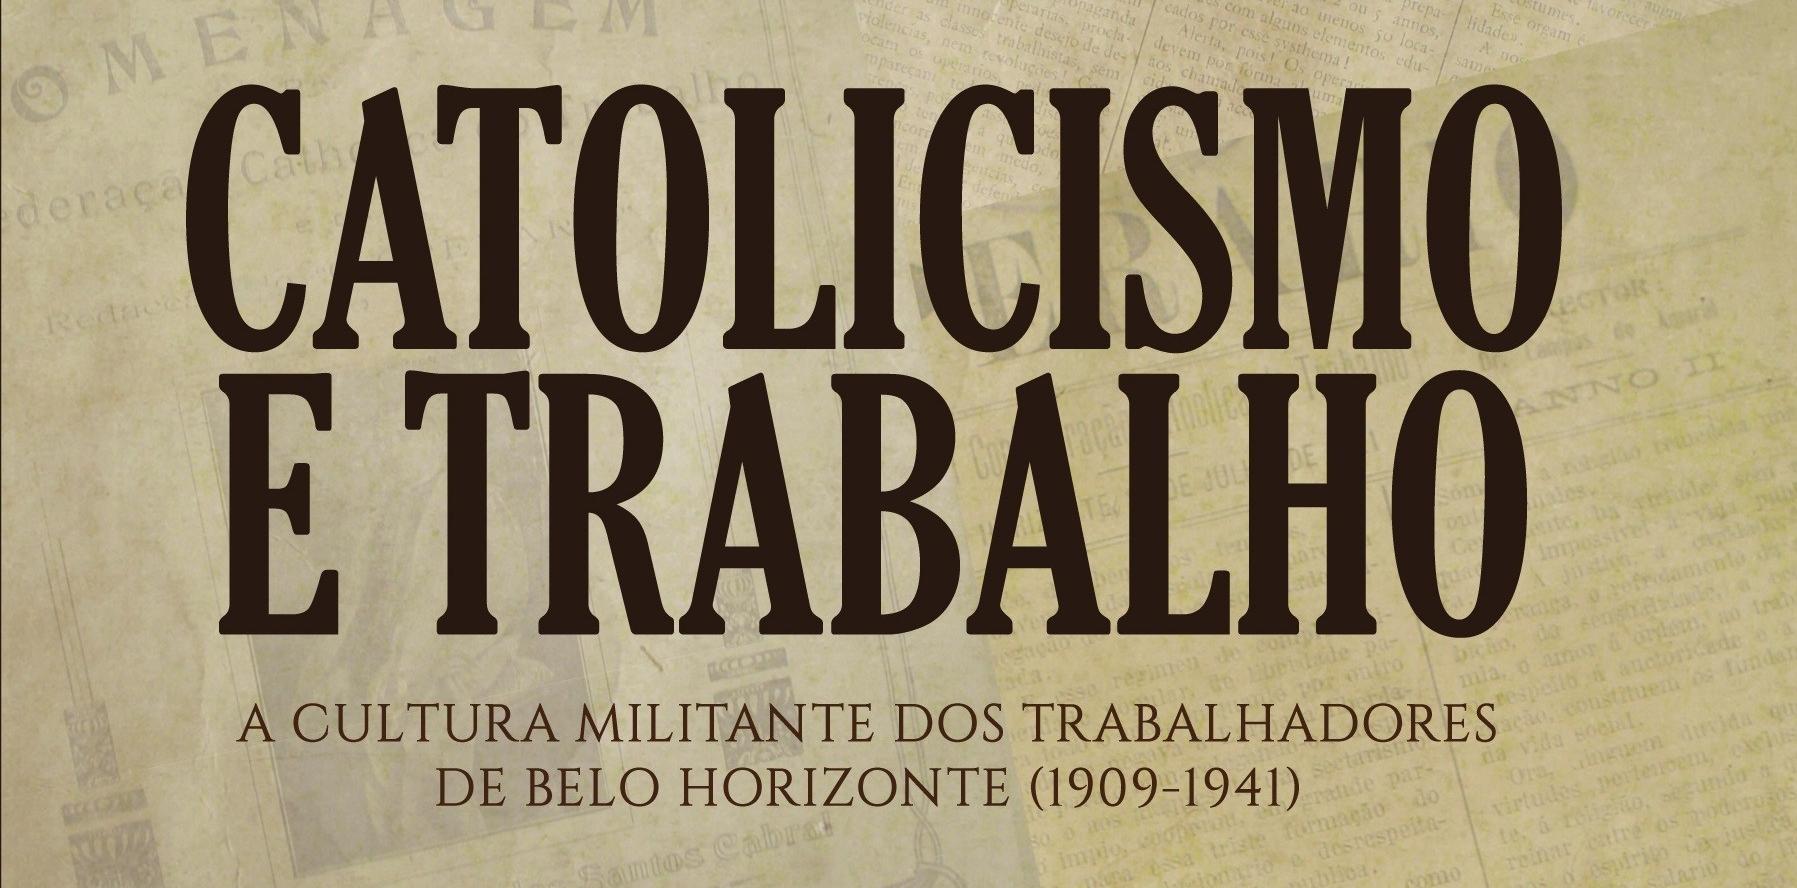 Catolicismo e trabalho:  a cultura militante dos trabalhadores de Belo Horizonte (1909-1930) – Deivison Amaral